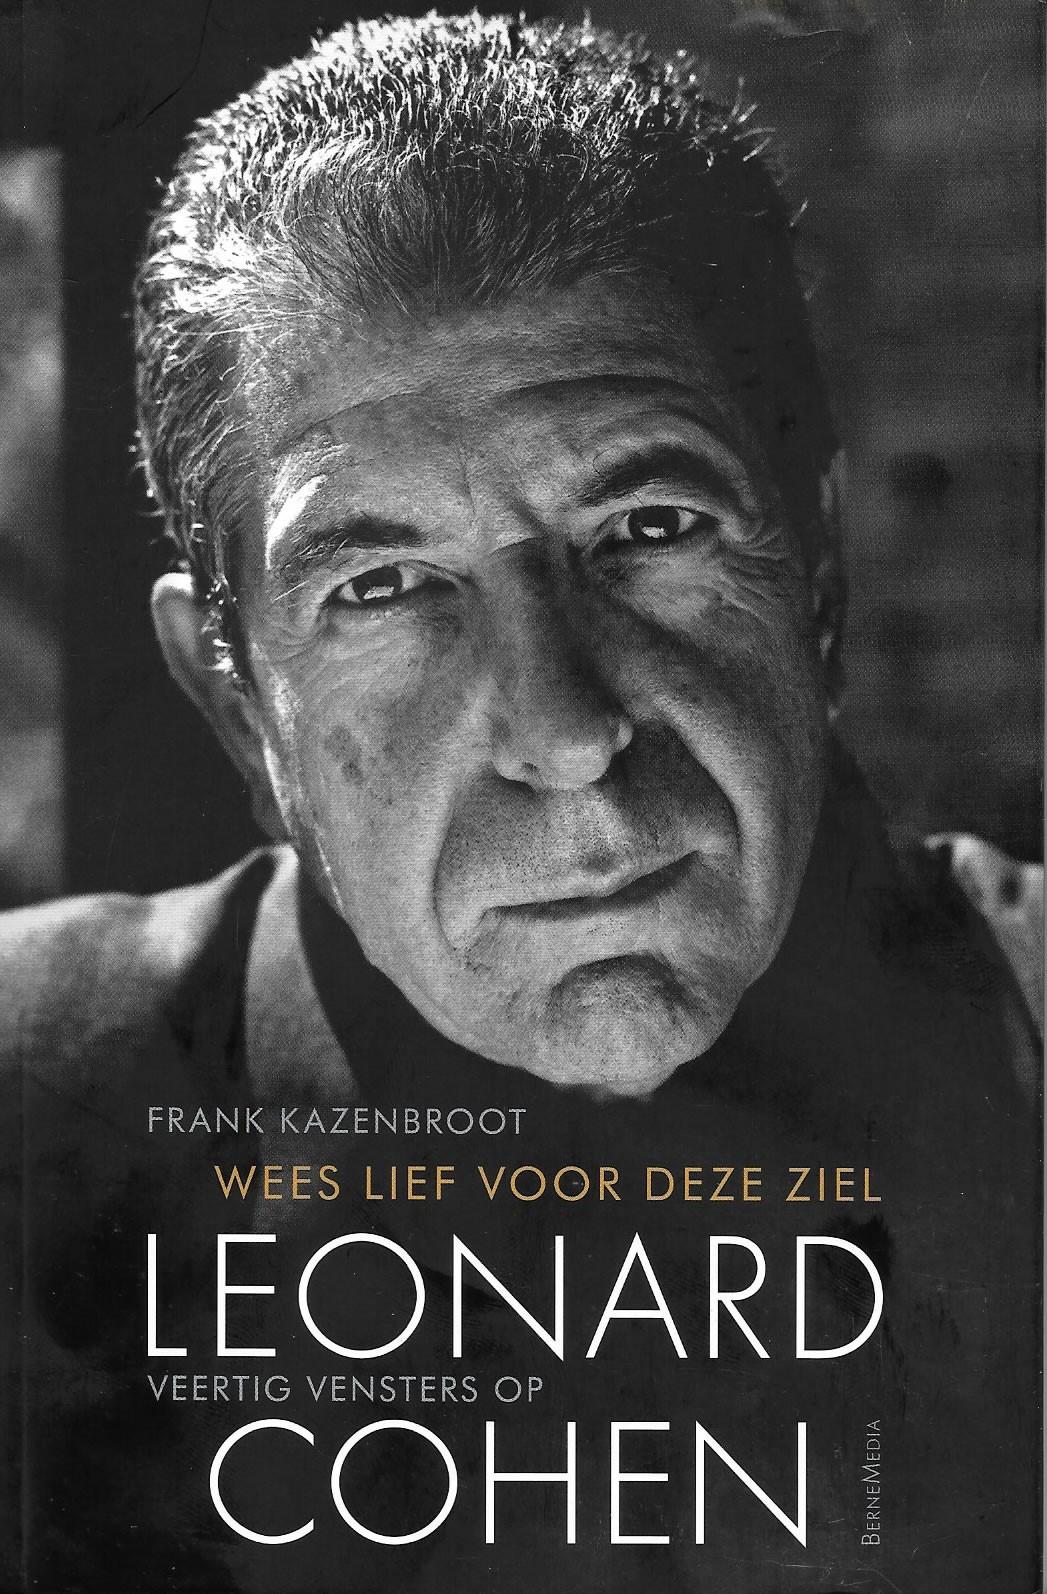 Wees lief voor deze ziel, veertig vensters op Leonard Cohen